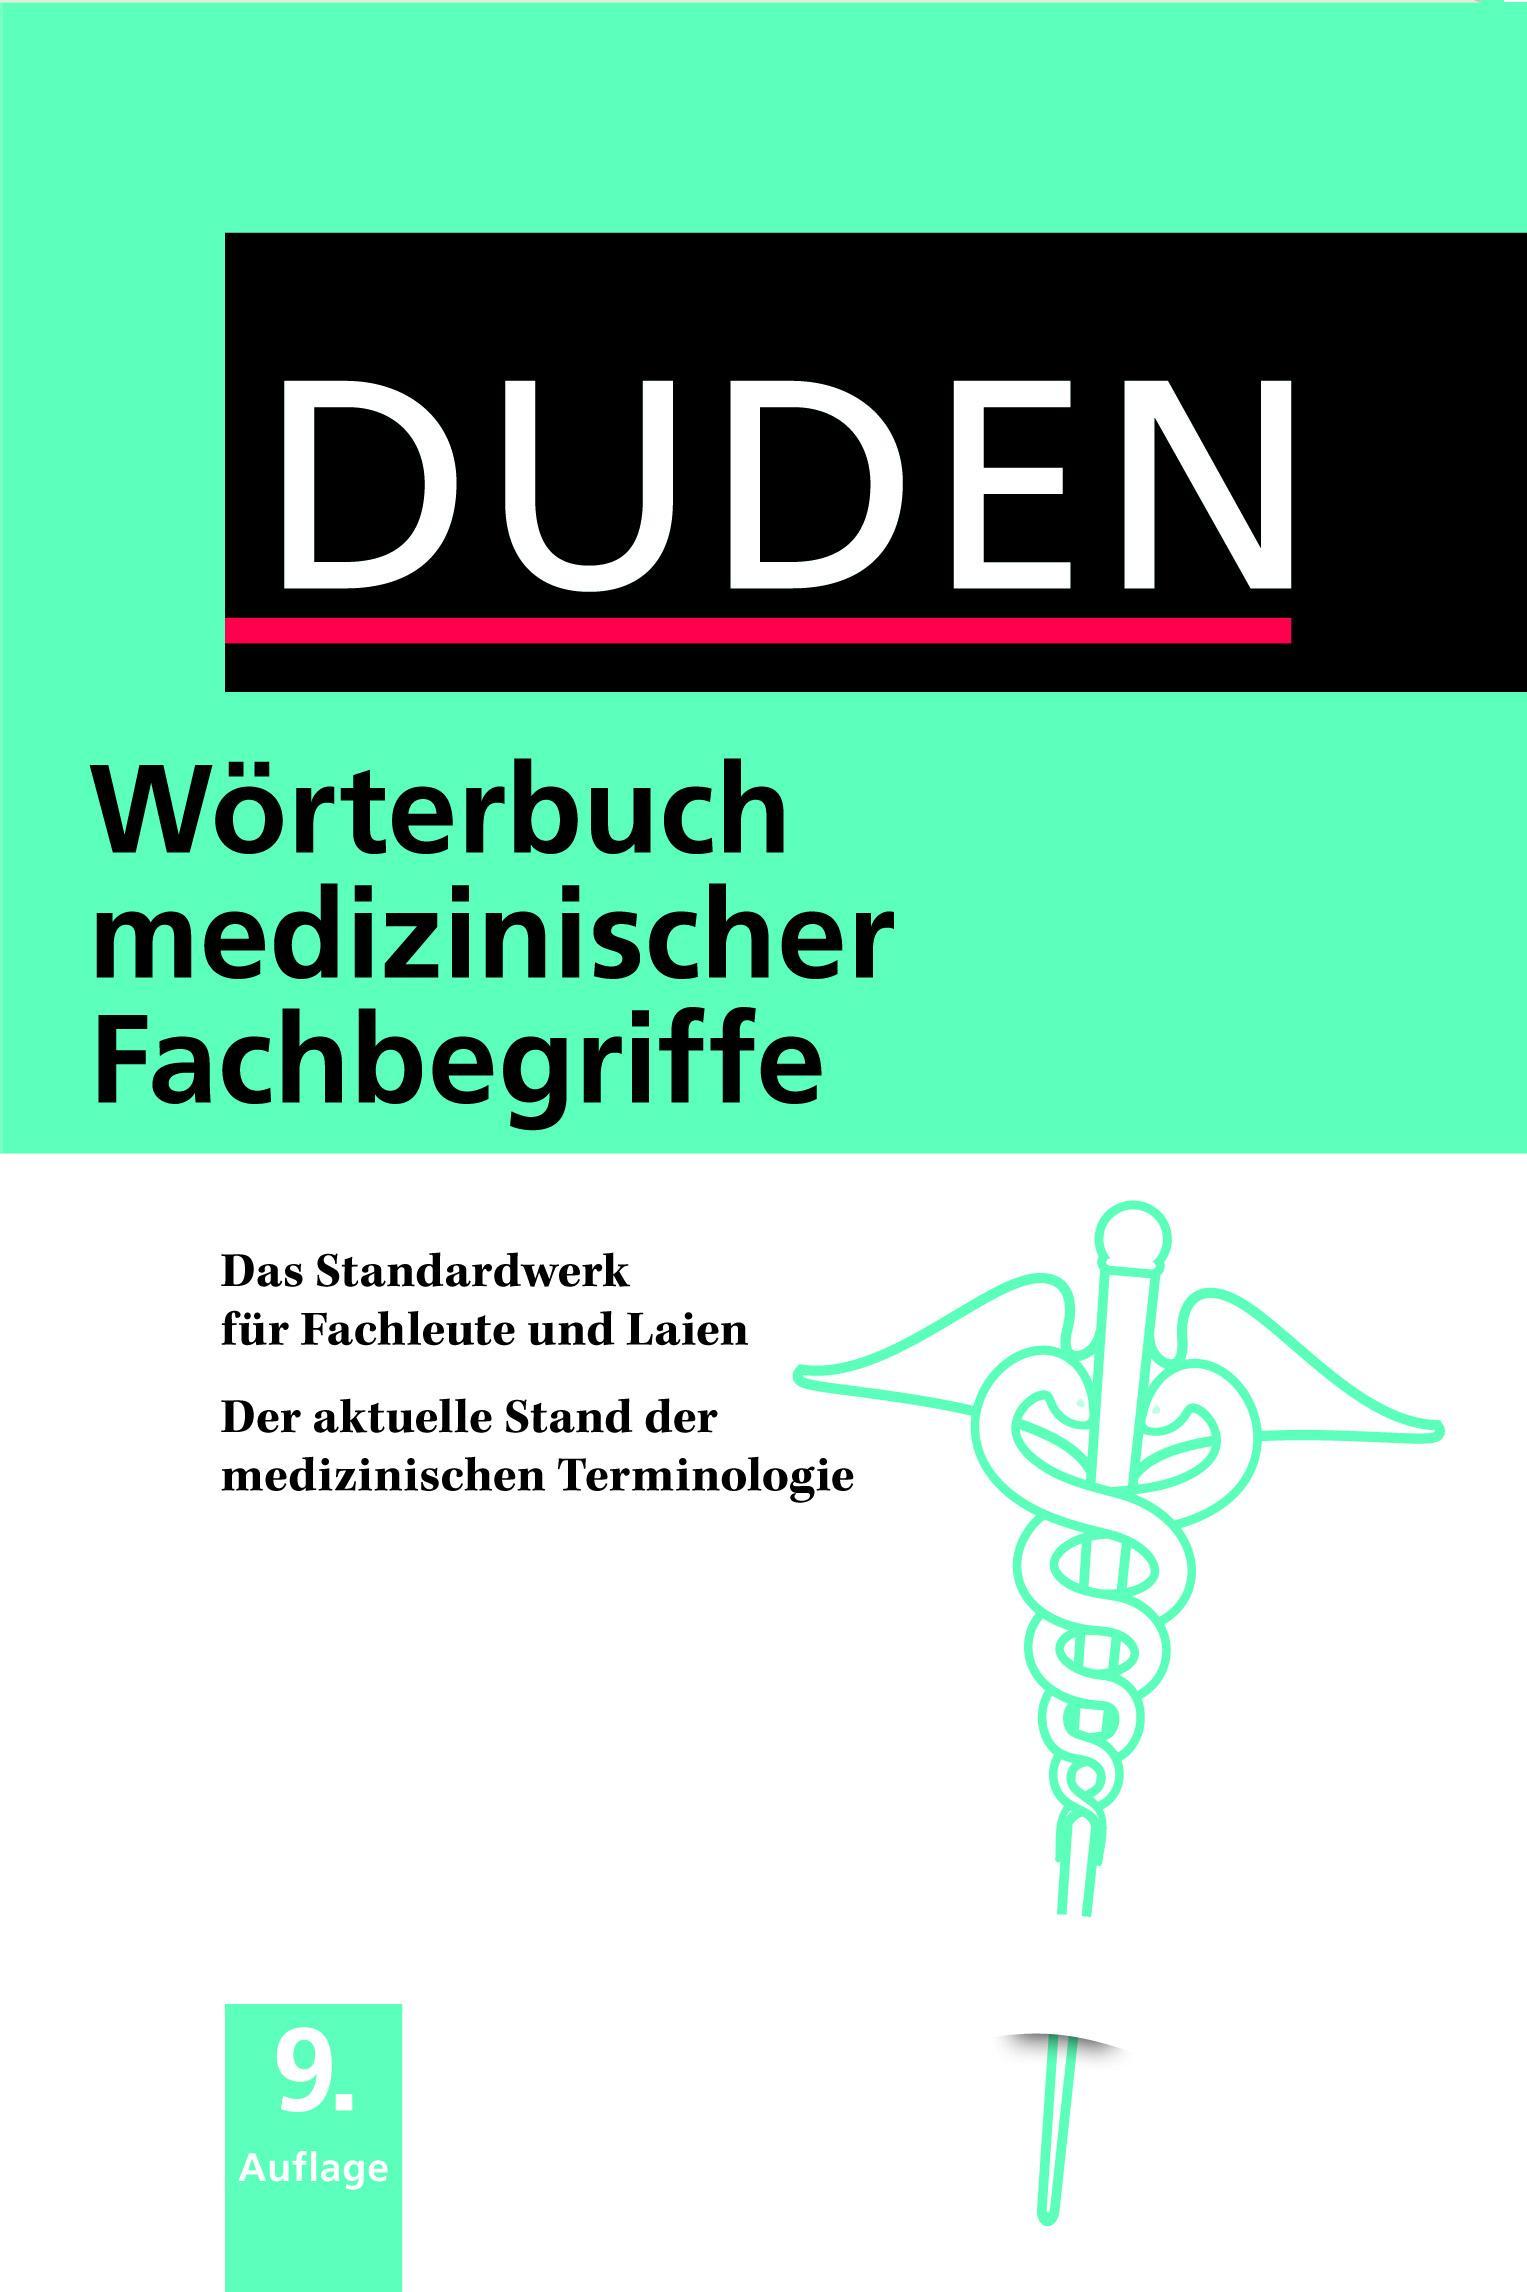 Duden - Wörterbuch medizinischer Fachbegriffe,